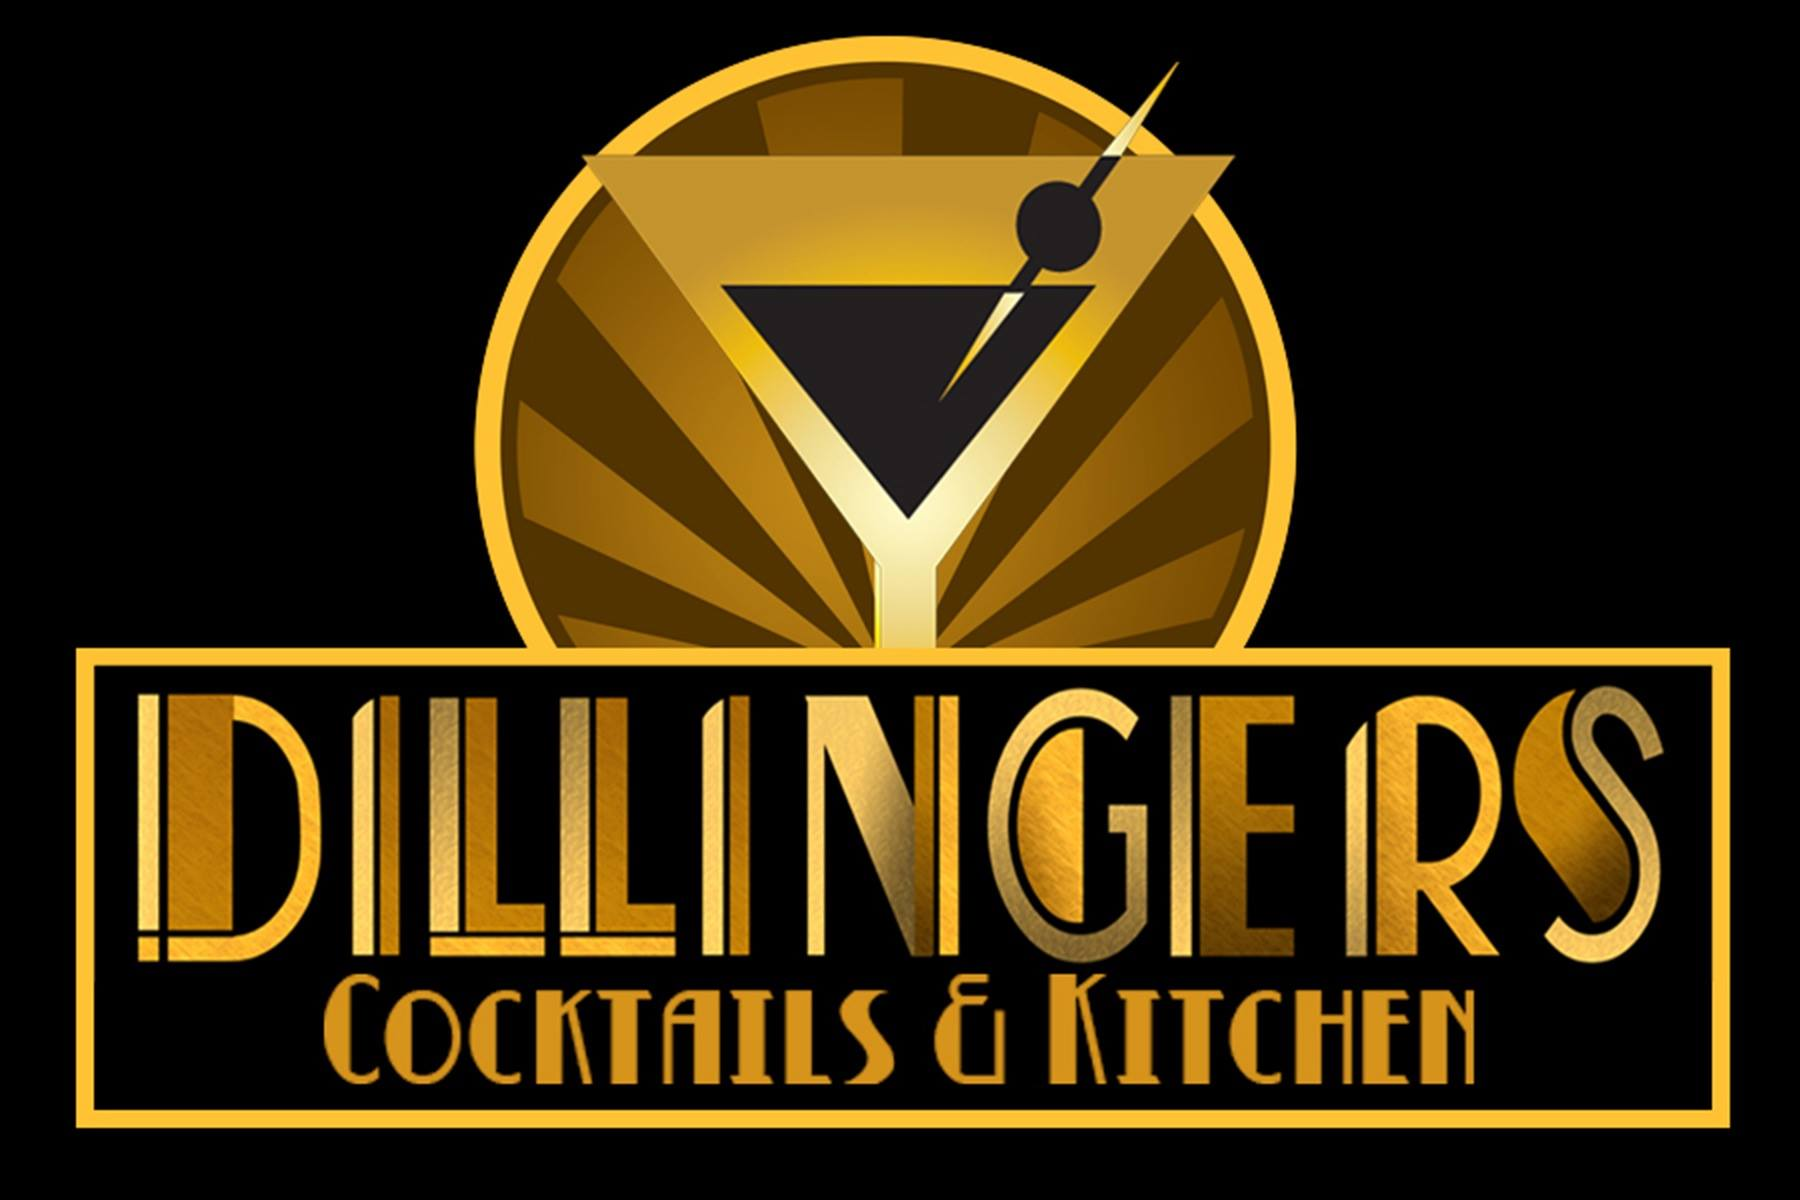 dillingers logo.jpg